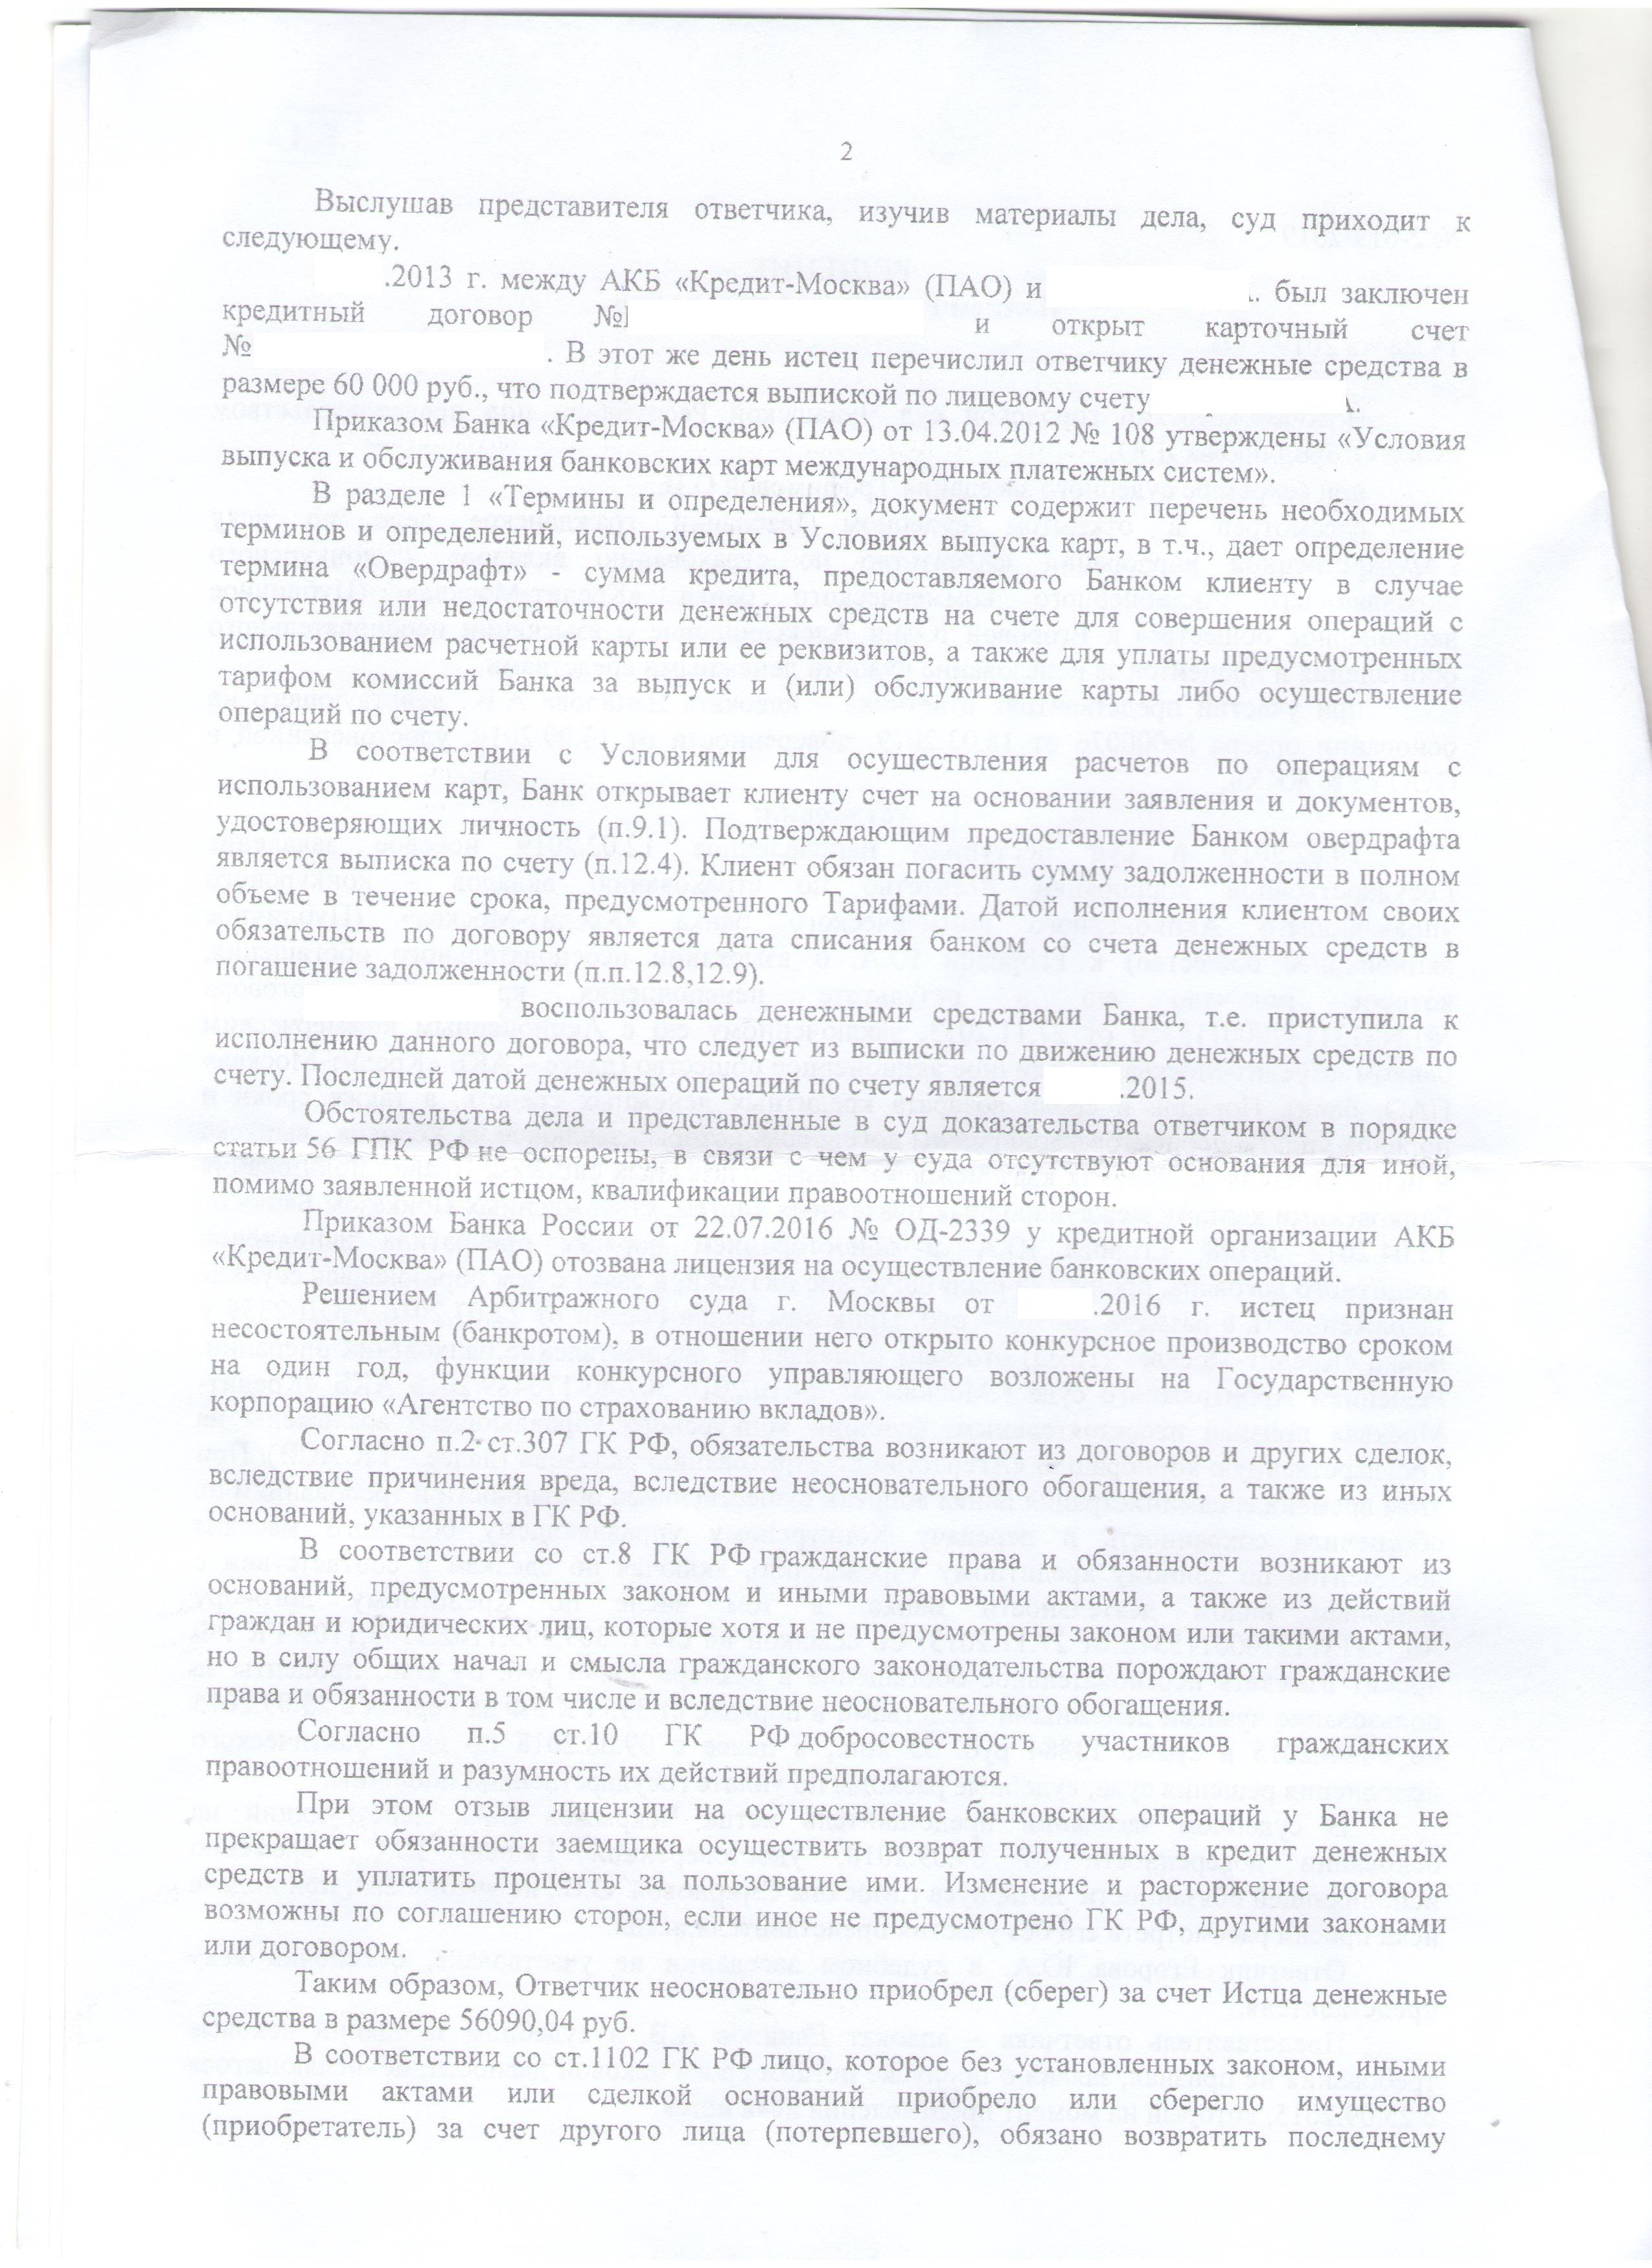 203 гк рф судебная практика